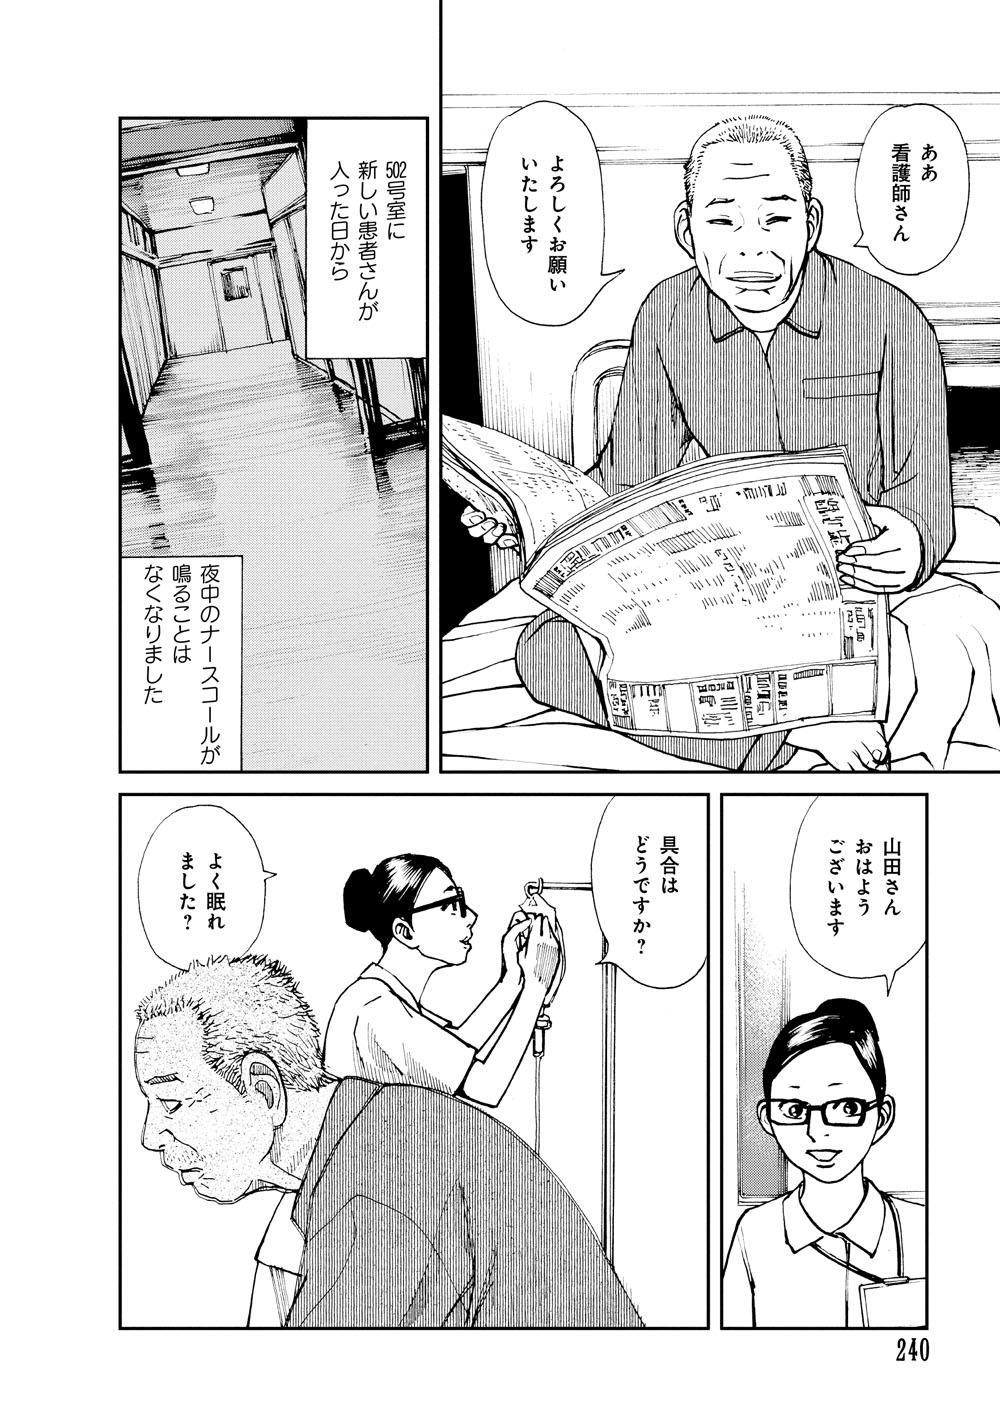 テレビ版_ほん怖_240.jpg